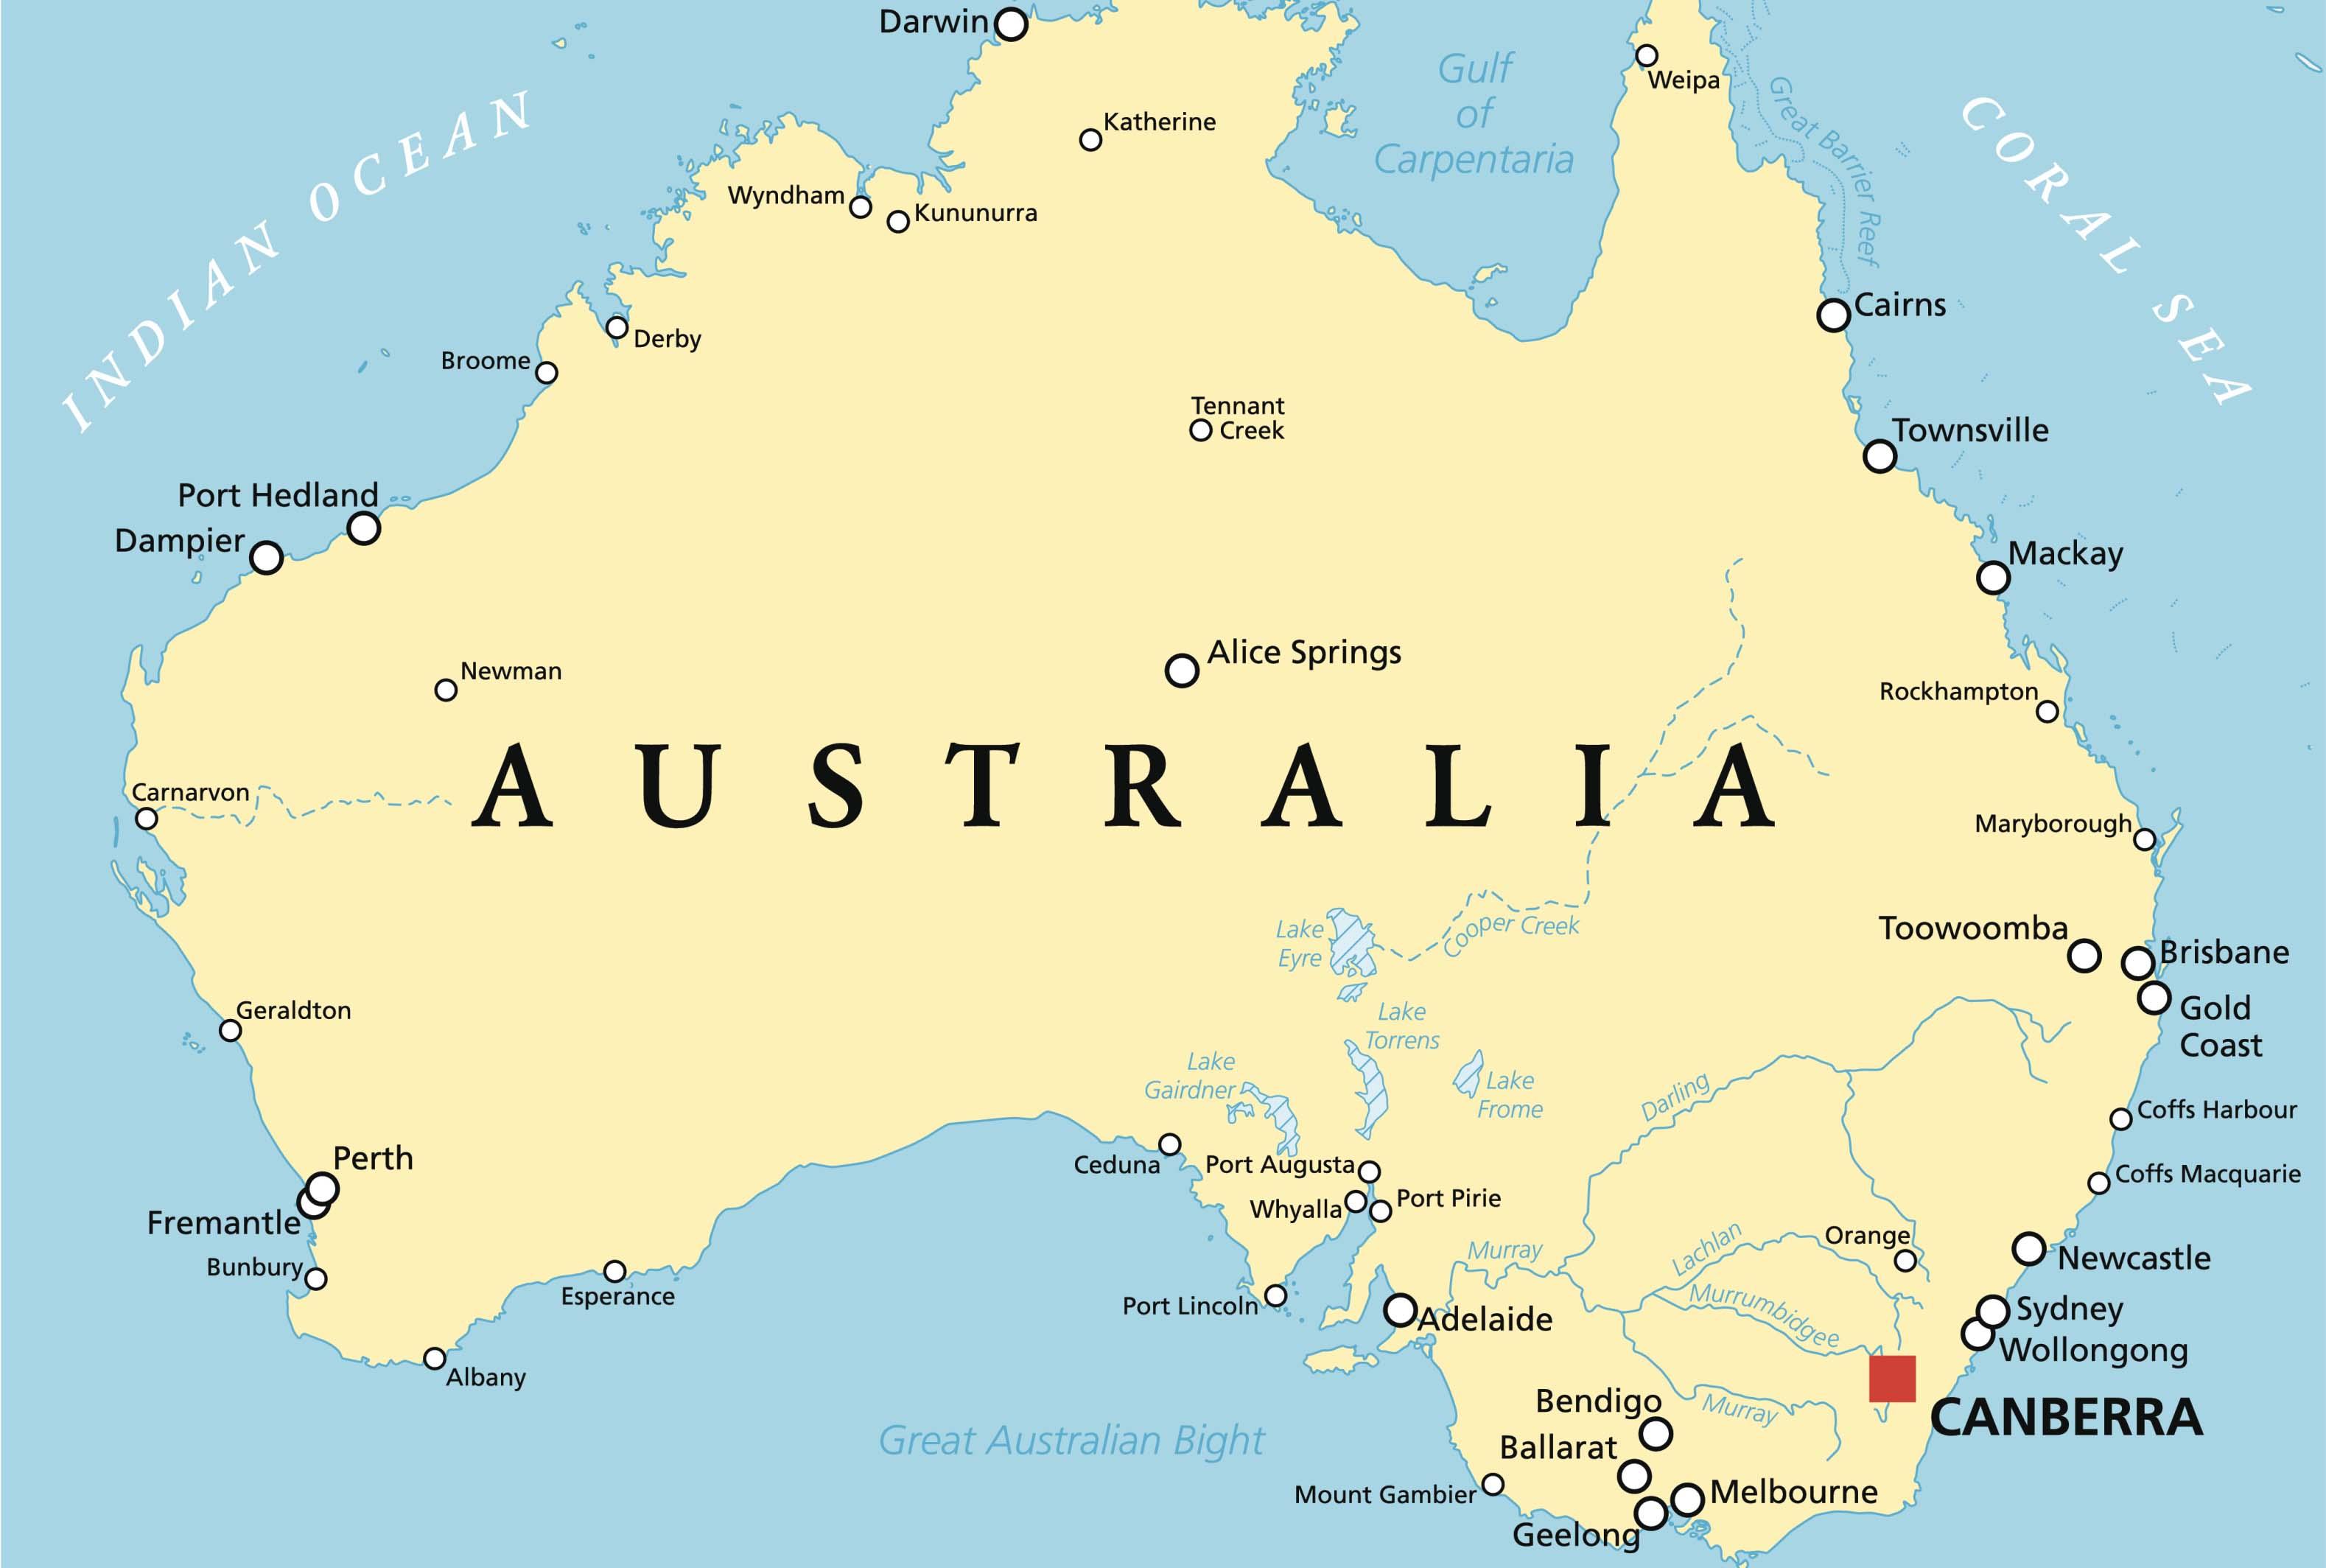 Por qué Canberra es la capital de Australia? - Go Study Australia